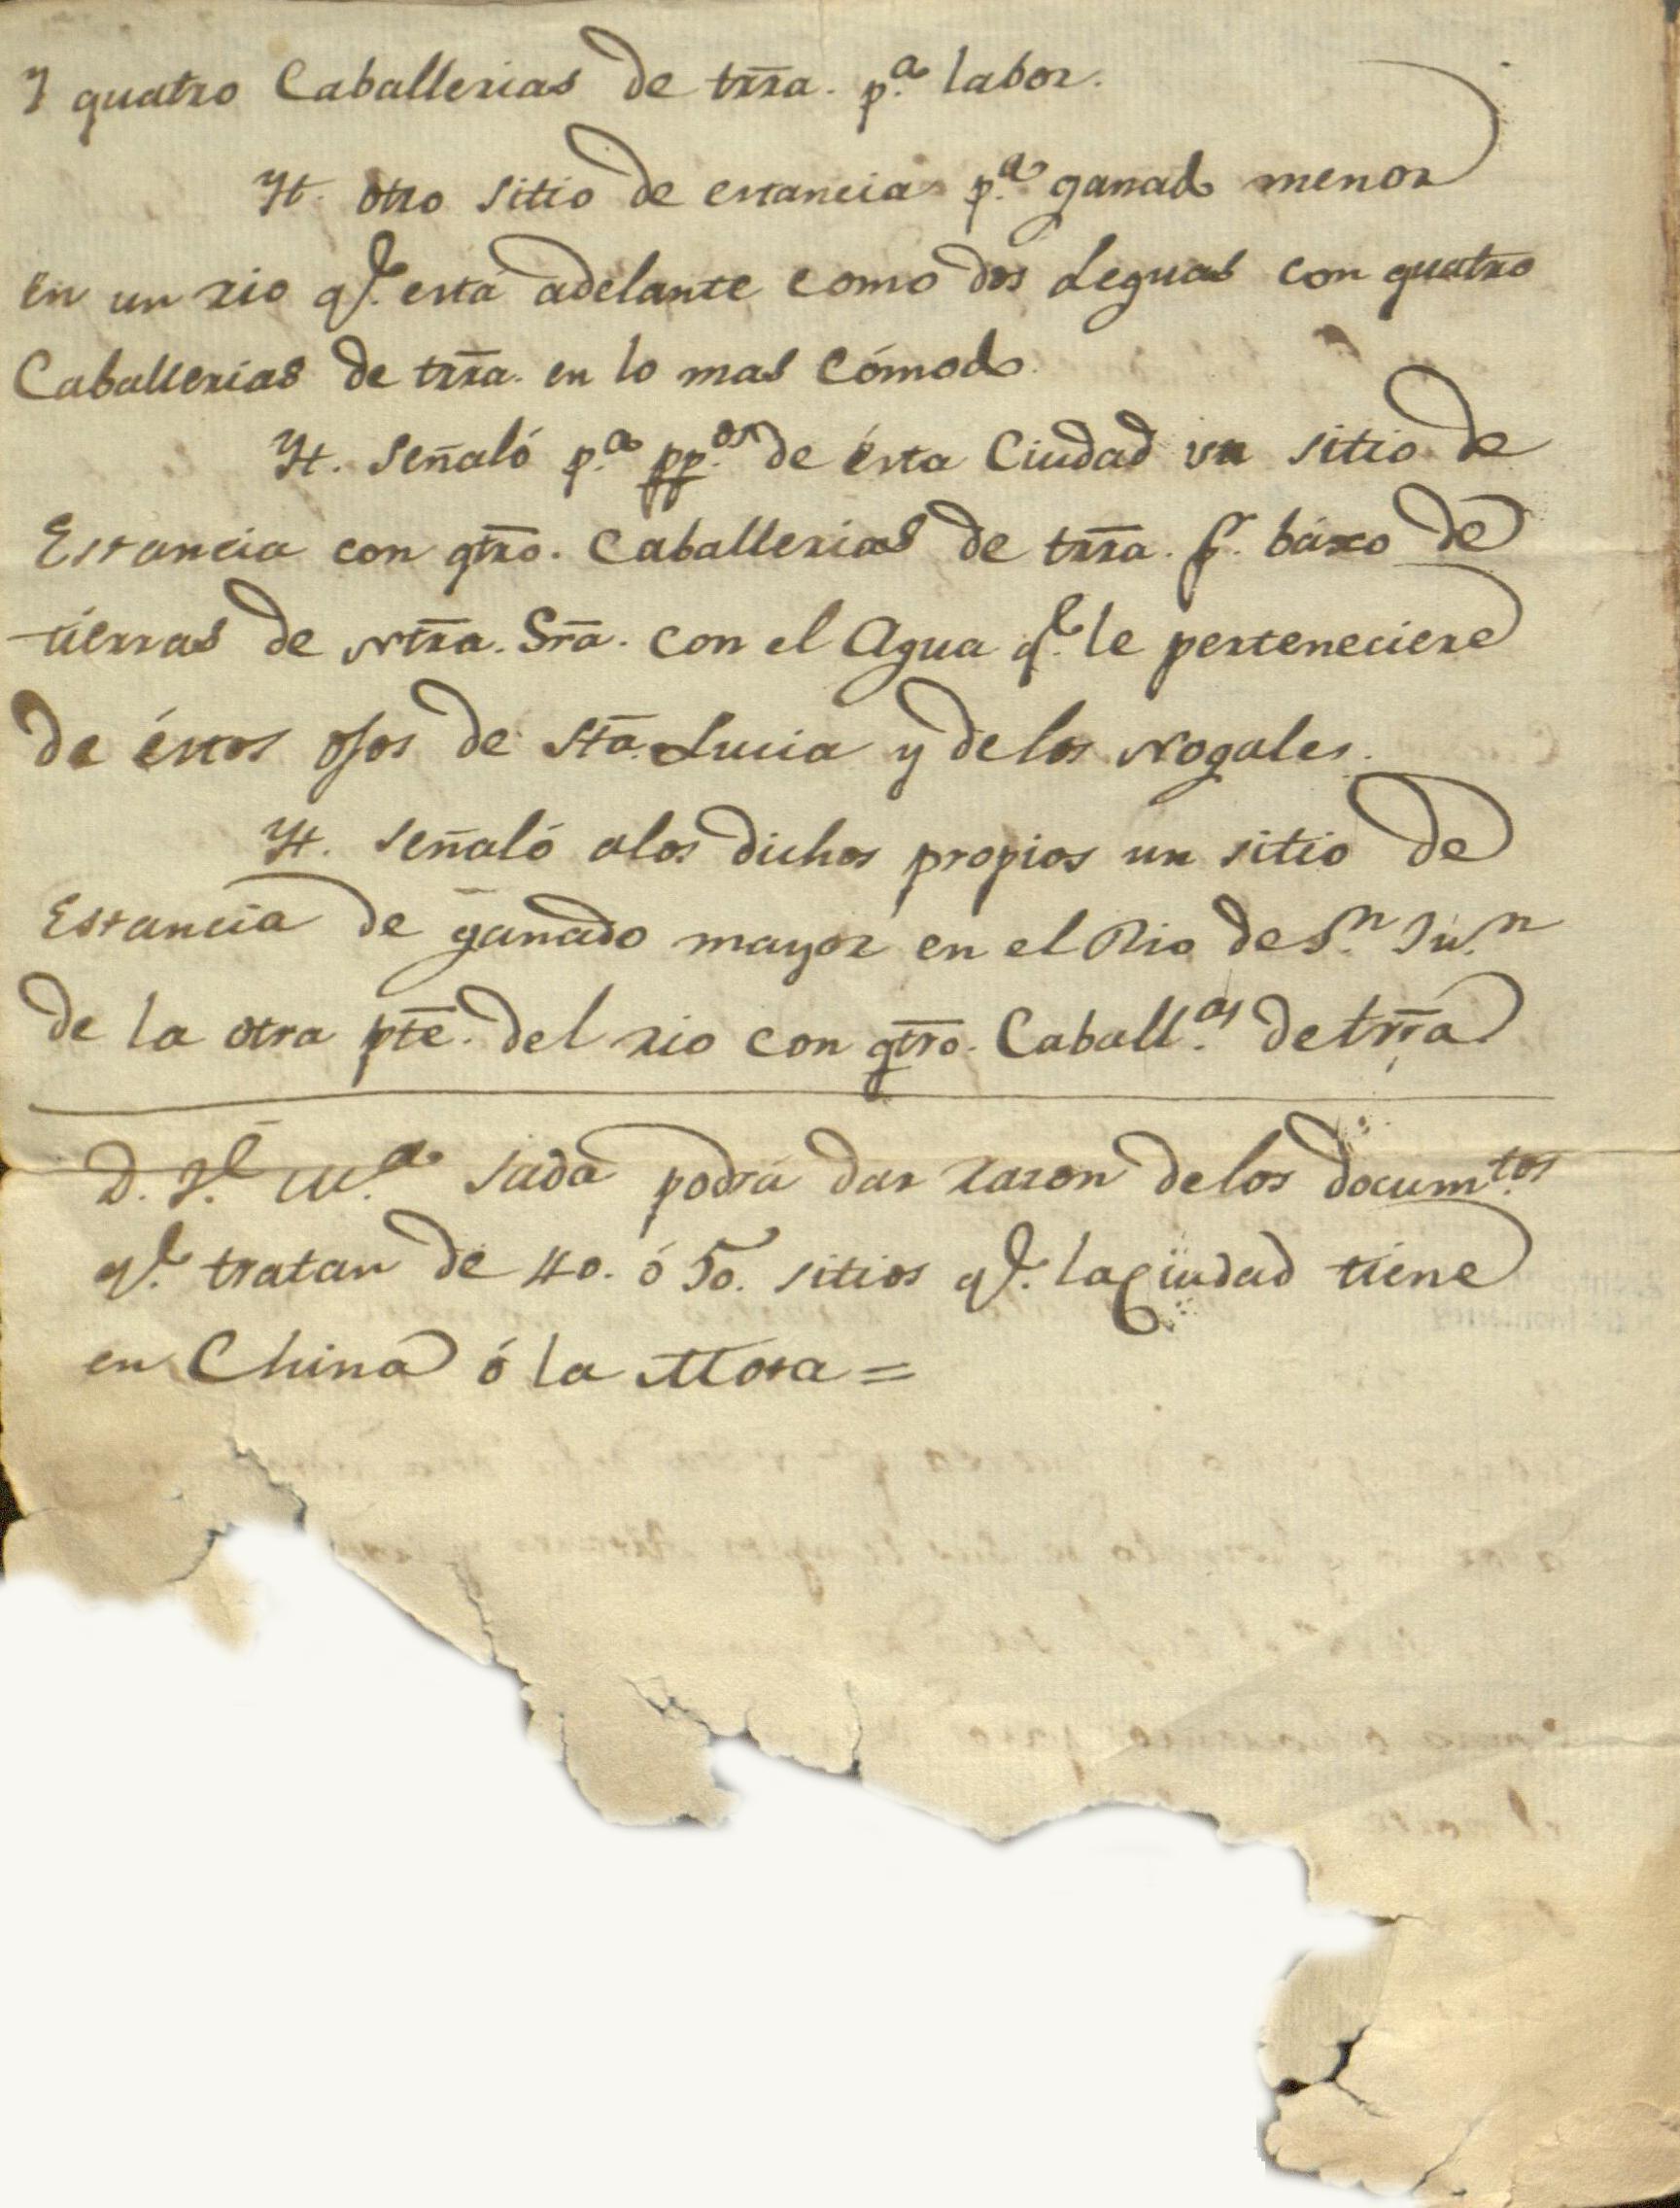 Acta de las mercedes a la virgen fechada el 20 de septiembre de 1596 por orden del capitán Diego de Montemayor.